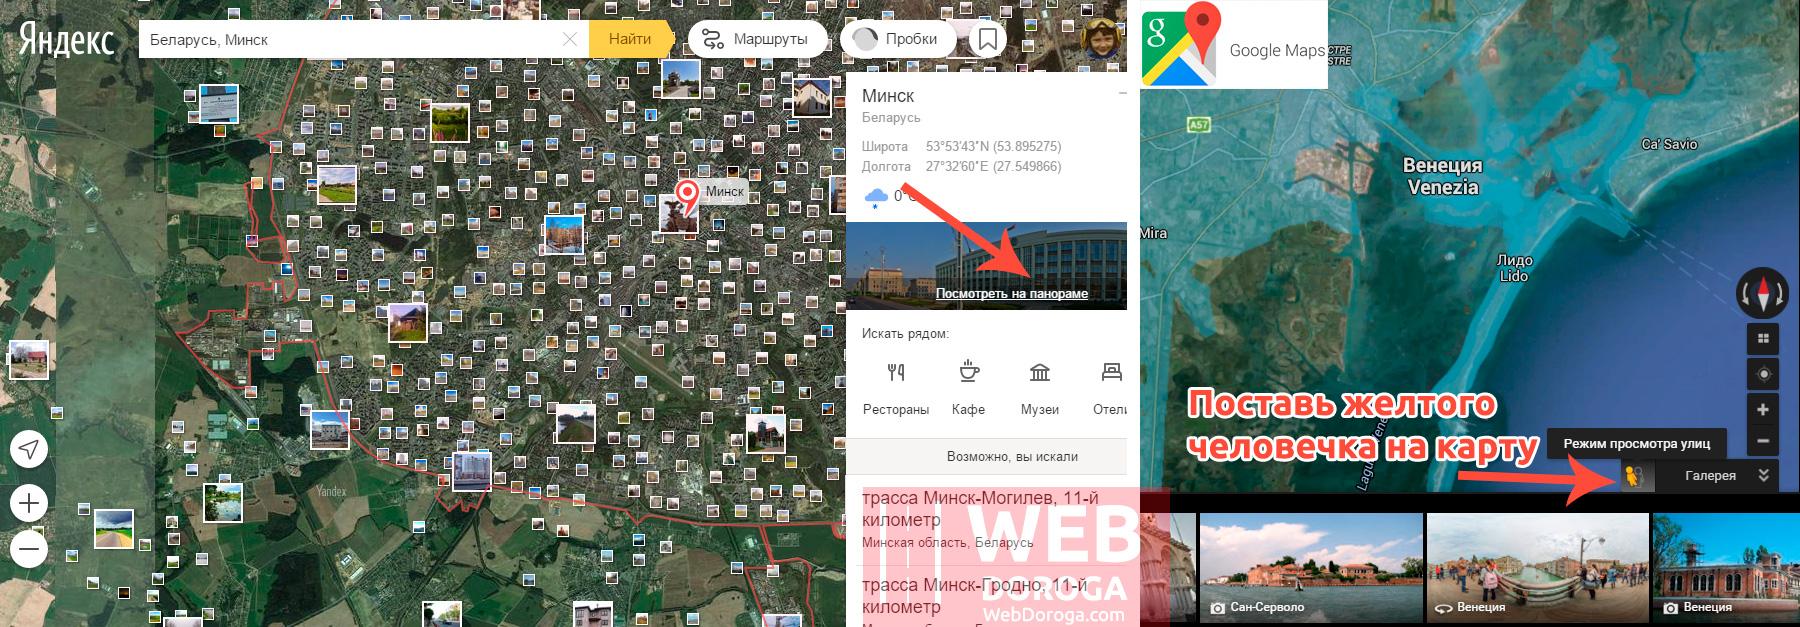 Гугл карты как сделать фото